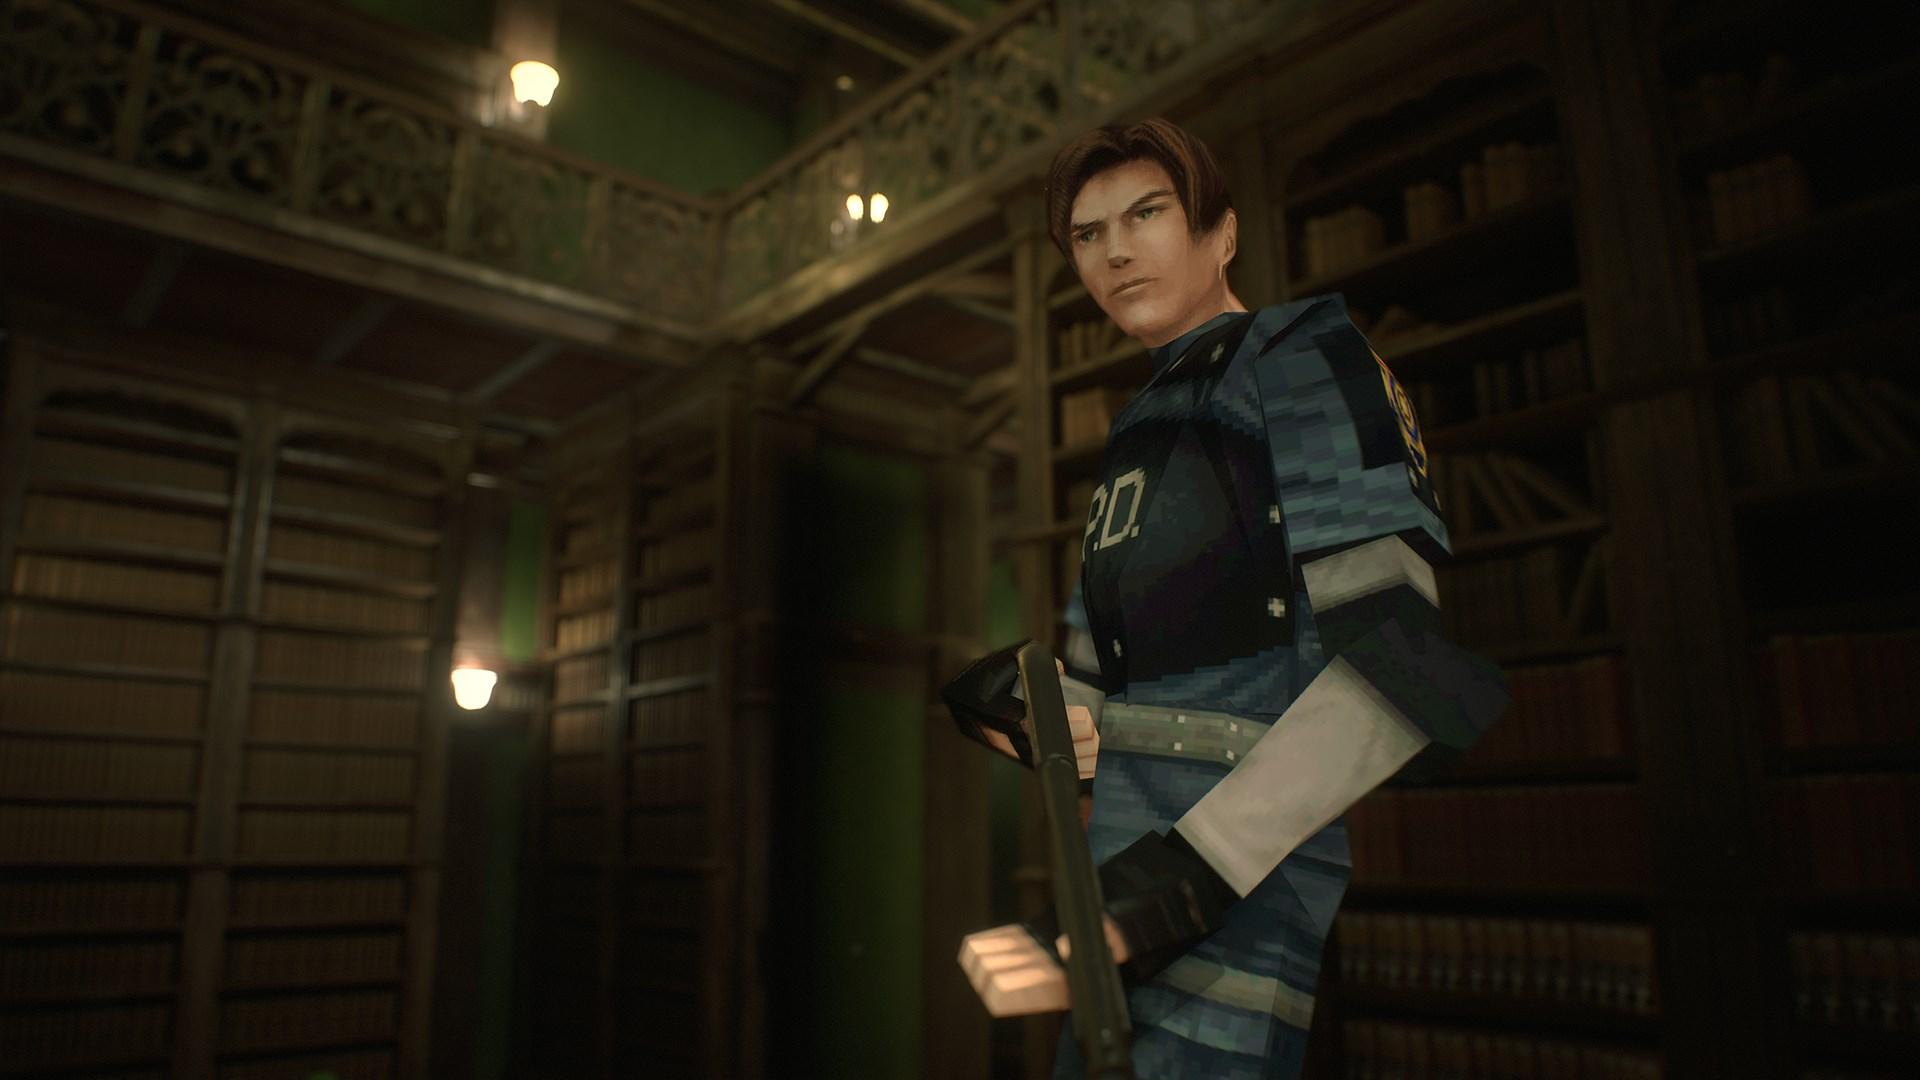 Ушел из жизни Пол Хаддад. Он подарил голос Леону в Resident Evil 2 1